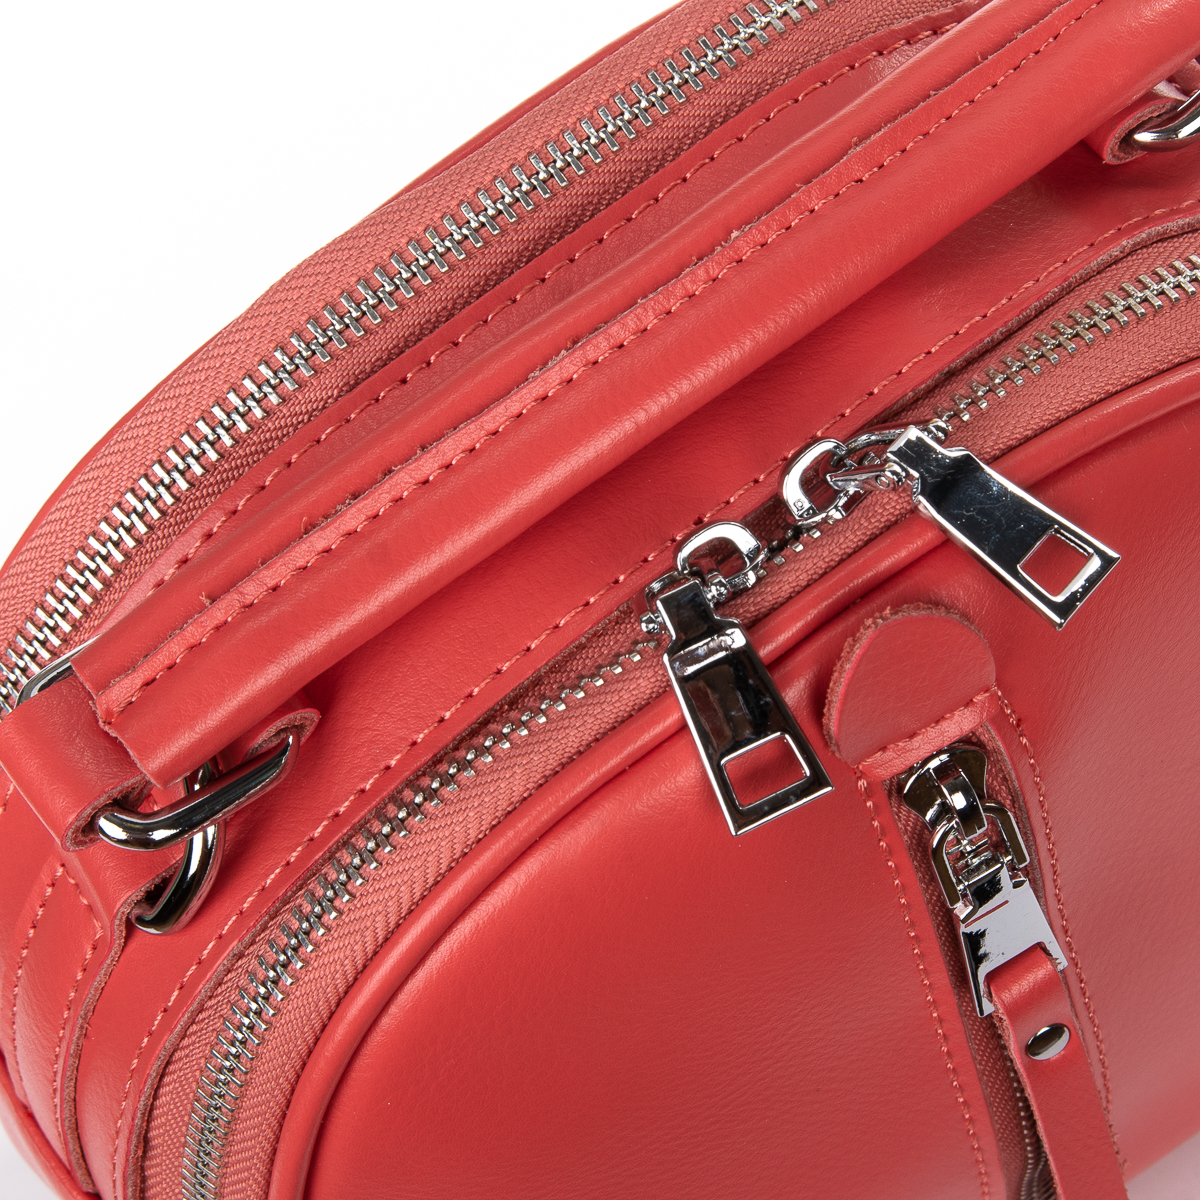 Сумка Женская Клатч кожа ALEX RAI 06-1 339 light-red - фото 3